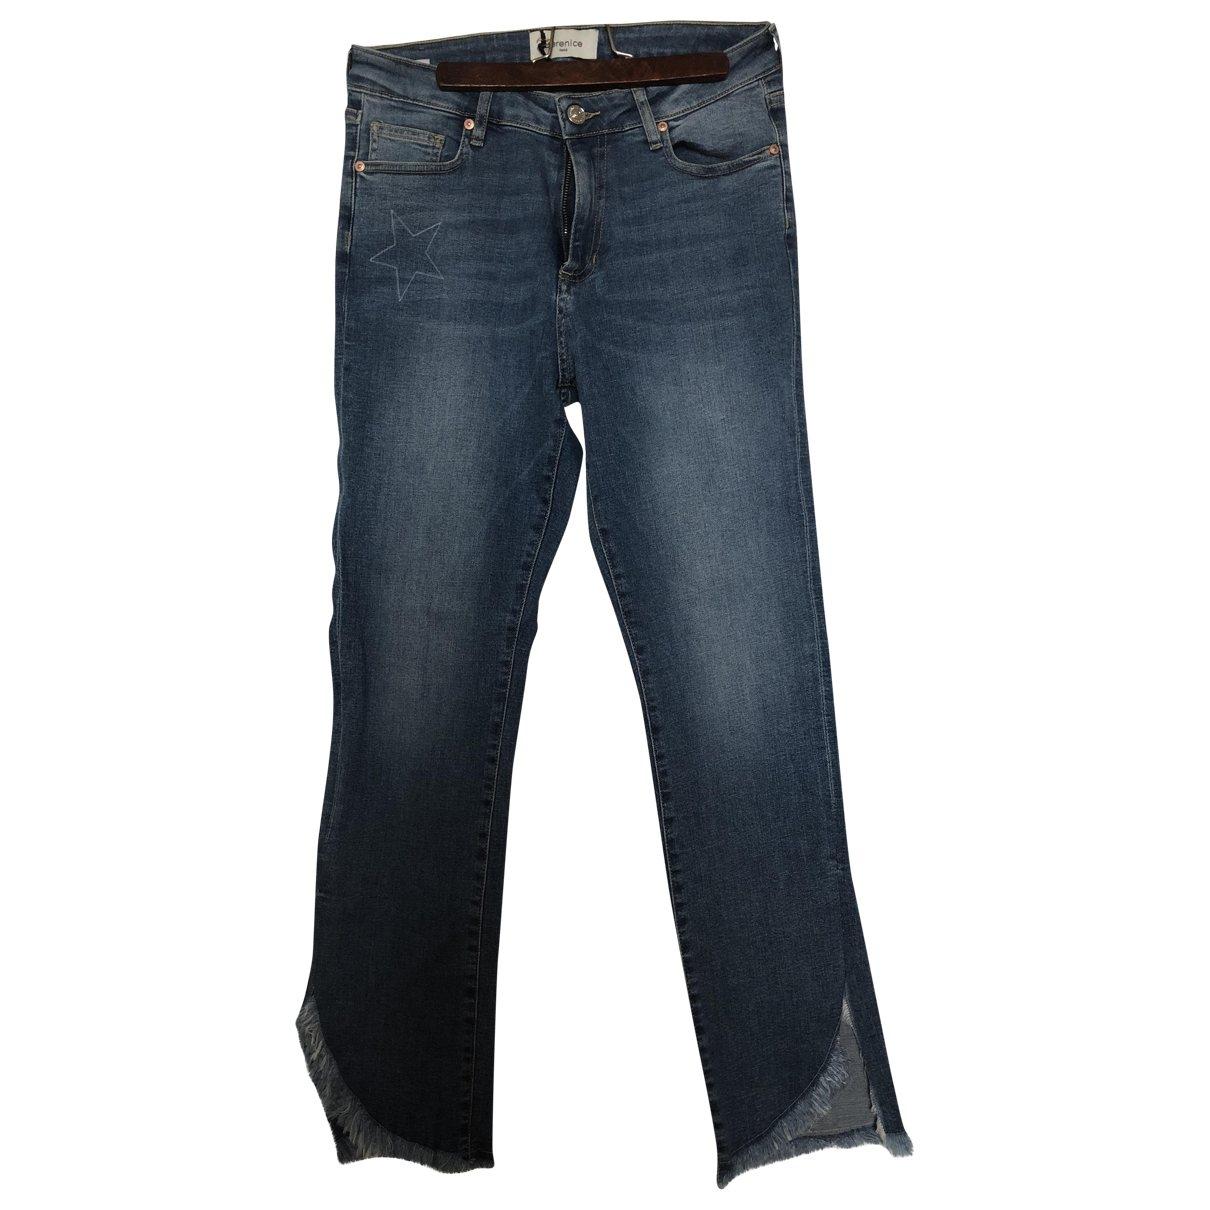 Berenice \N Blue Cotton - elasthane Jeans for Women 40 FR